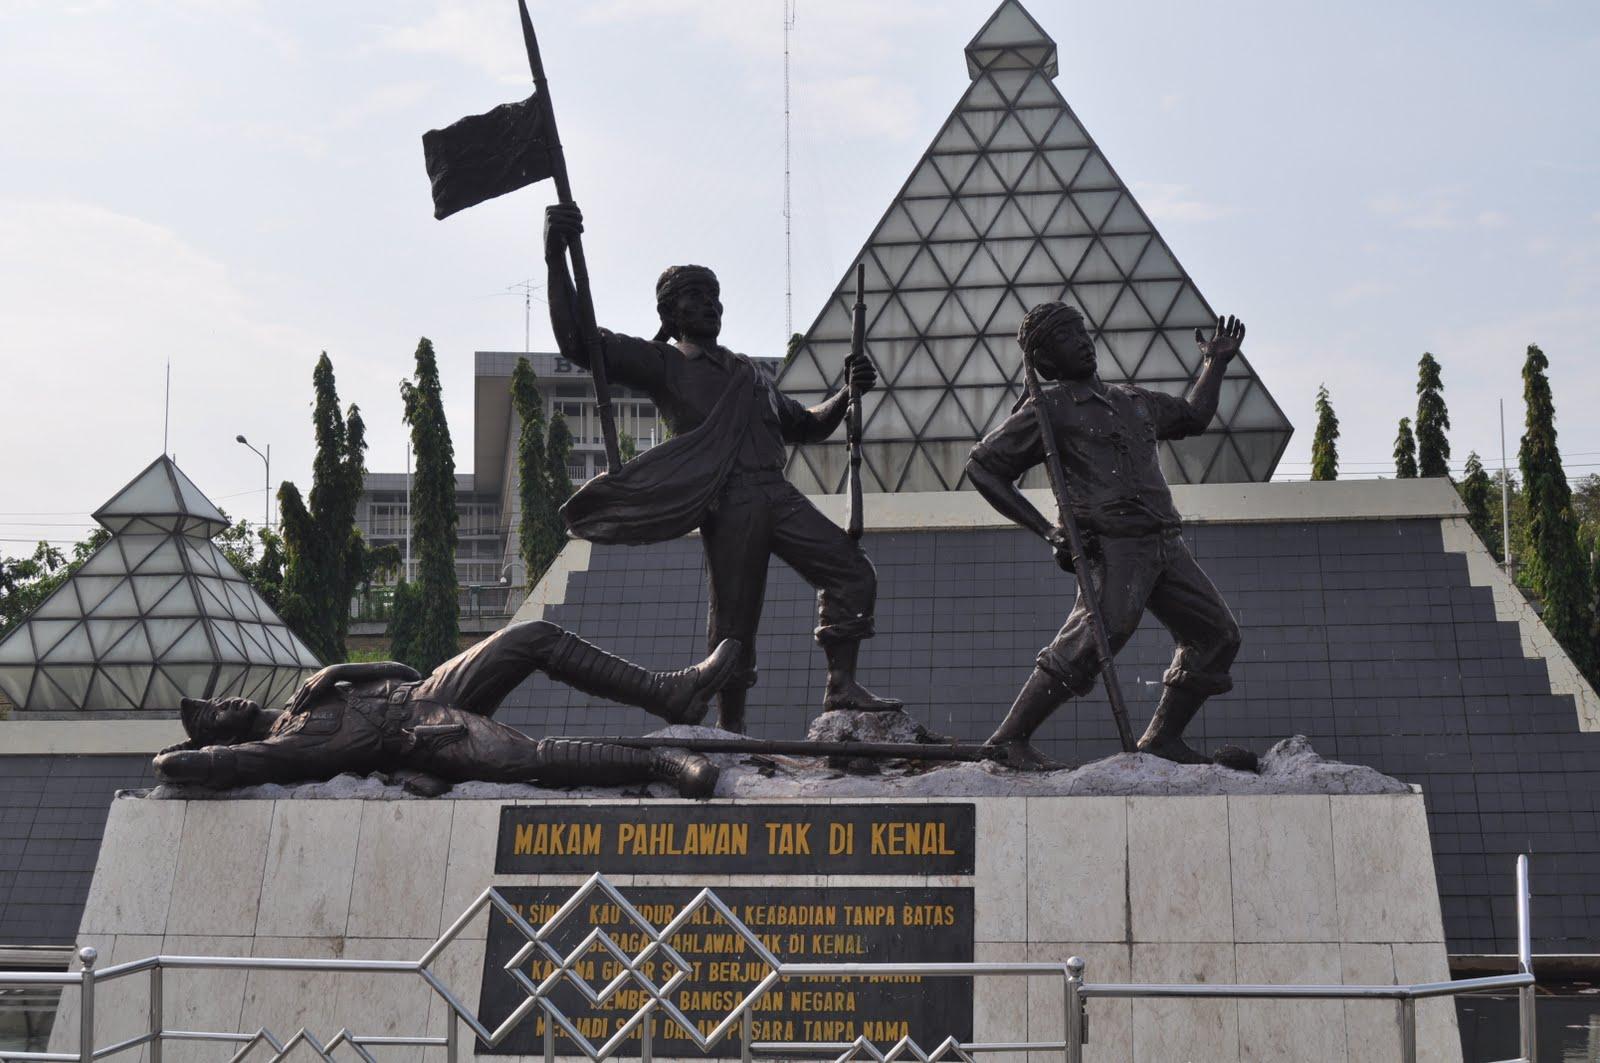 Objek Wisata Monumen Tugu Pahlawan Surabaya Markah Tanah Kota Hmm